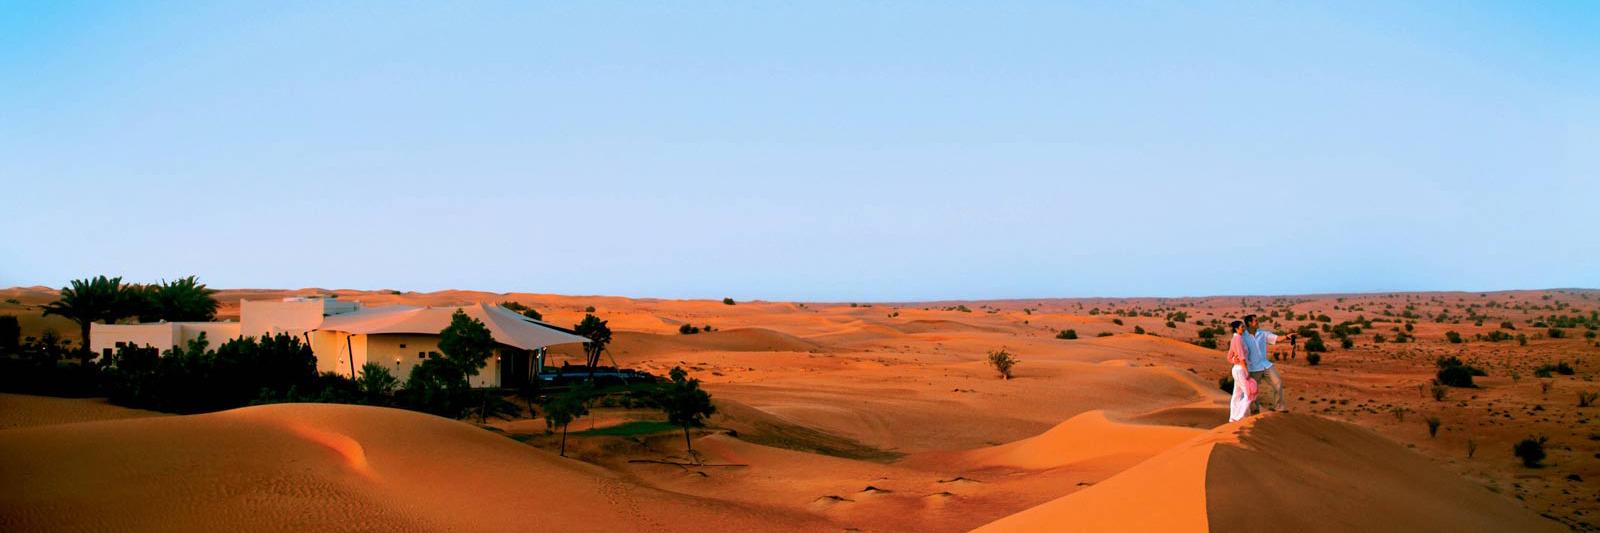 al-maha-desert-resort-and-spa-view